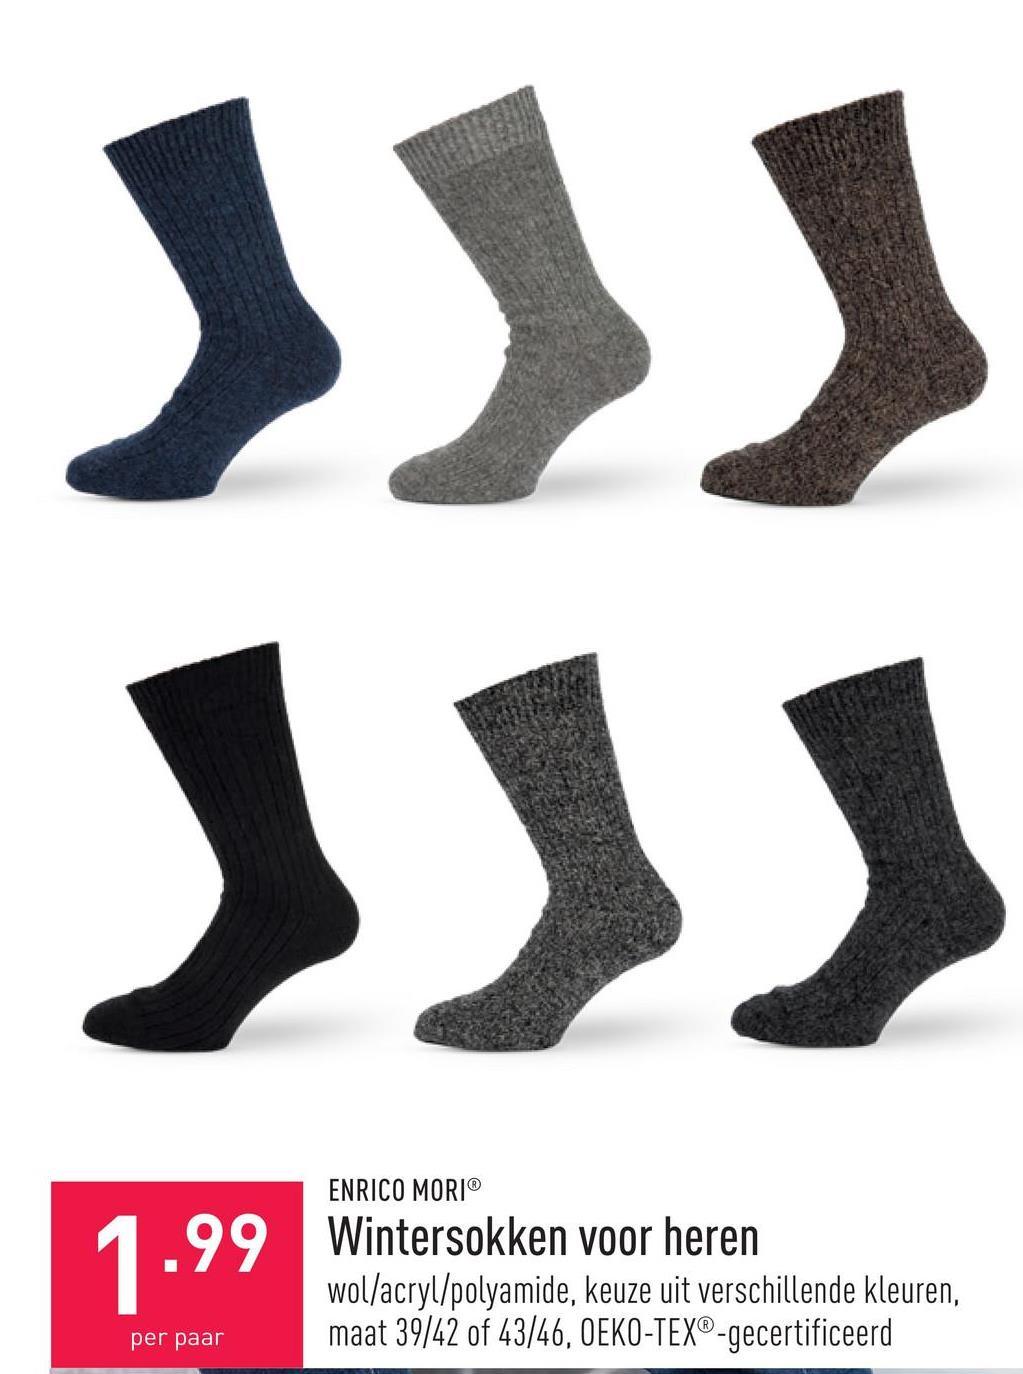 Wintersokken voor heren wol/acryl/polyamide, keuze uit verschillende kleuren, maat 39/42 of 43/46, OEKO-TEX®-gecertificeerd